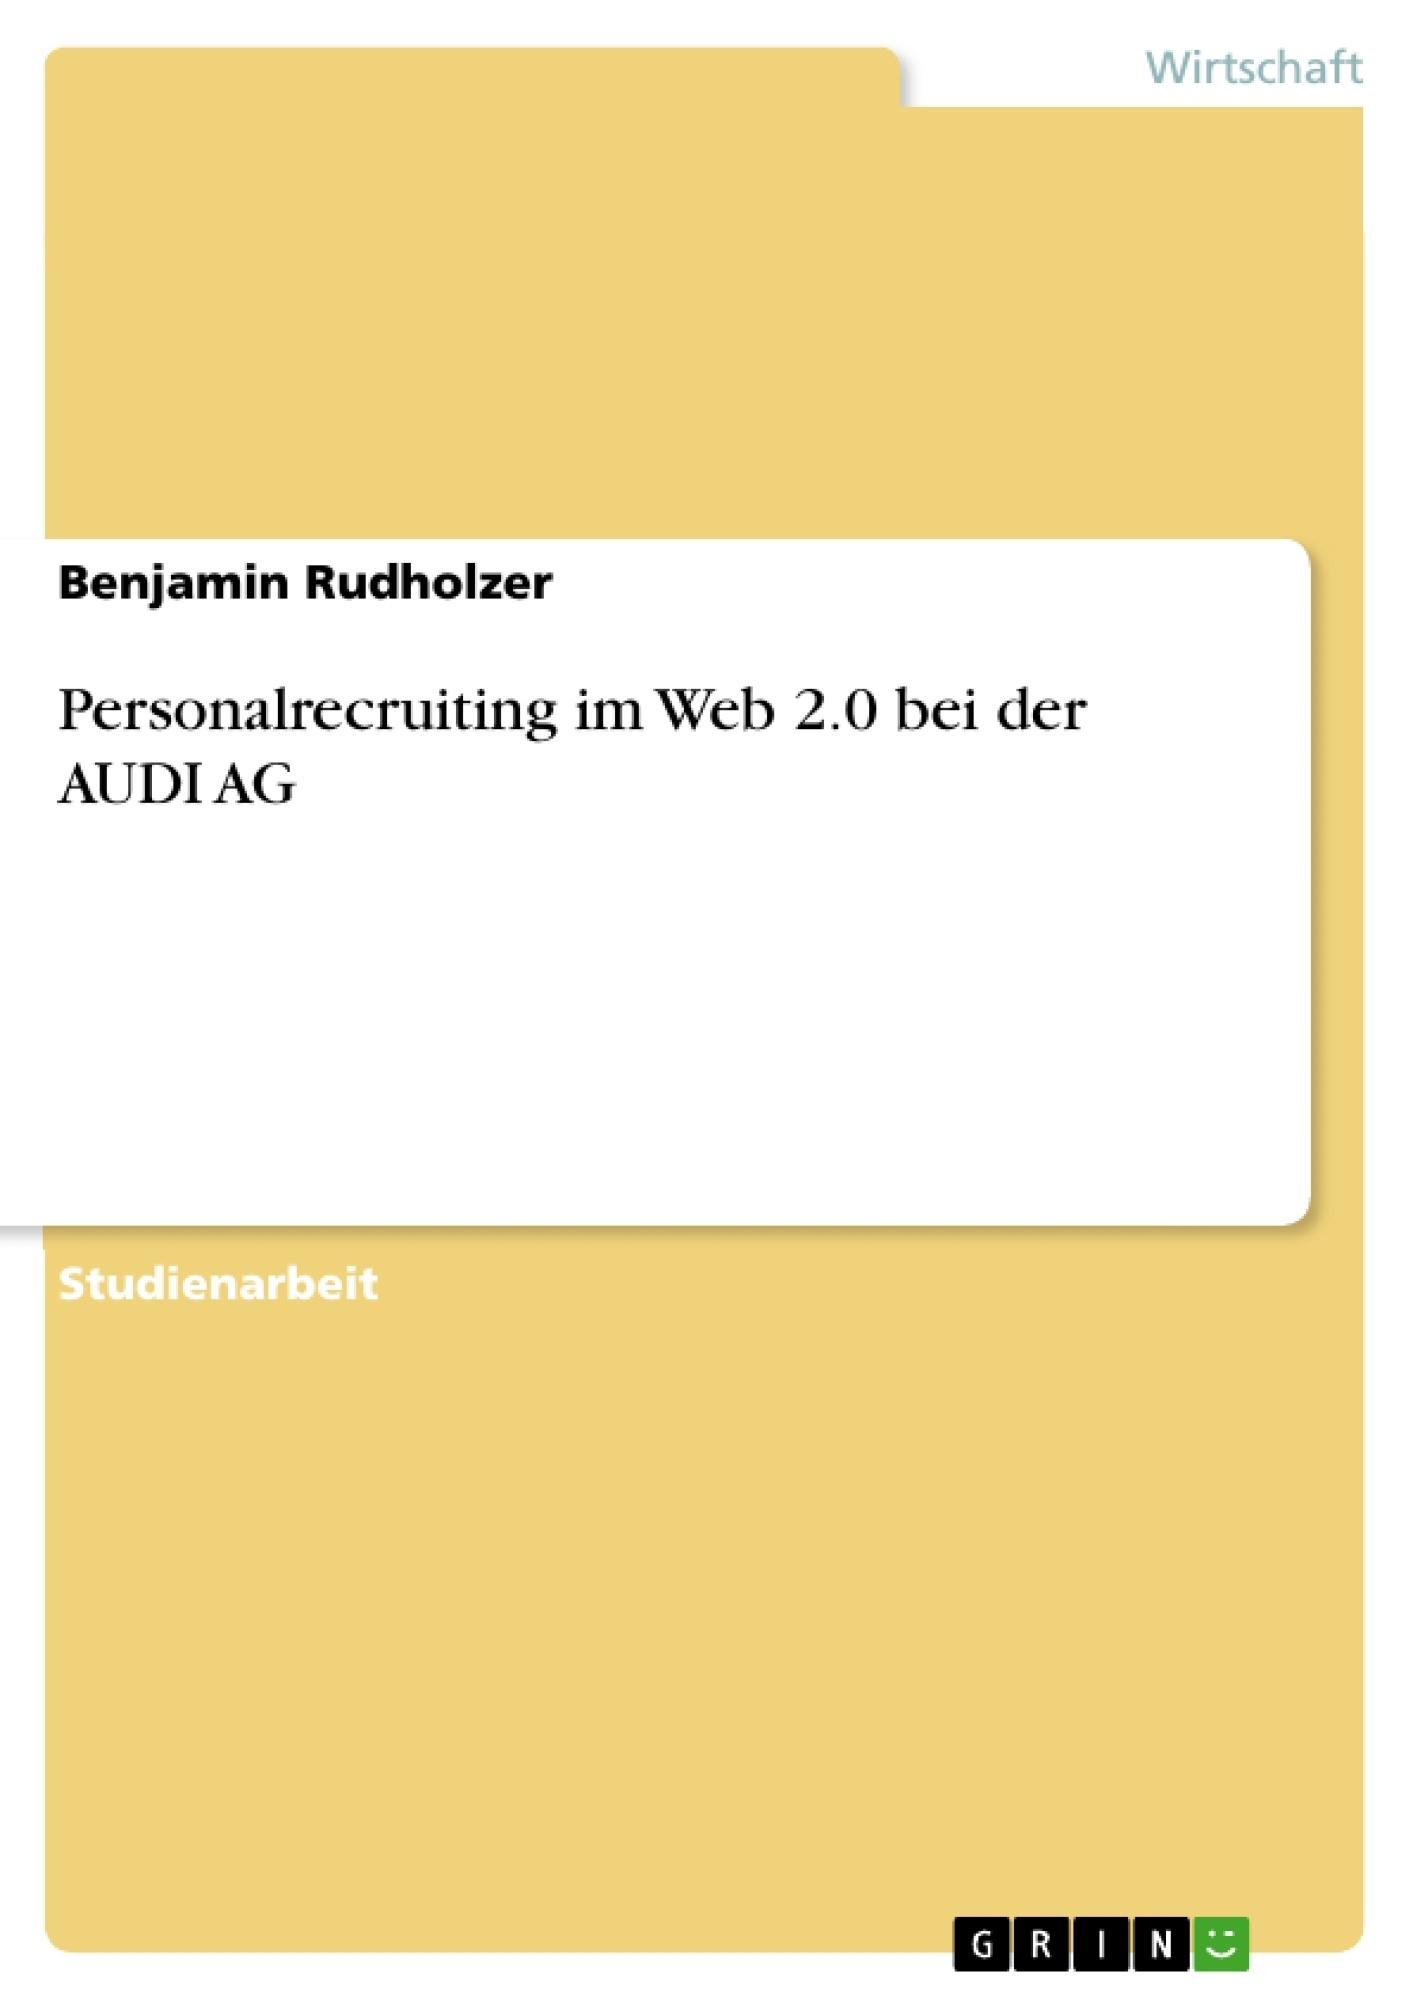 Titel: Personalrecruiting im Web 2.0 bei der AUDI AG